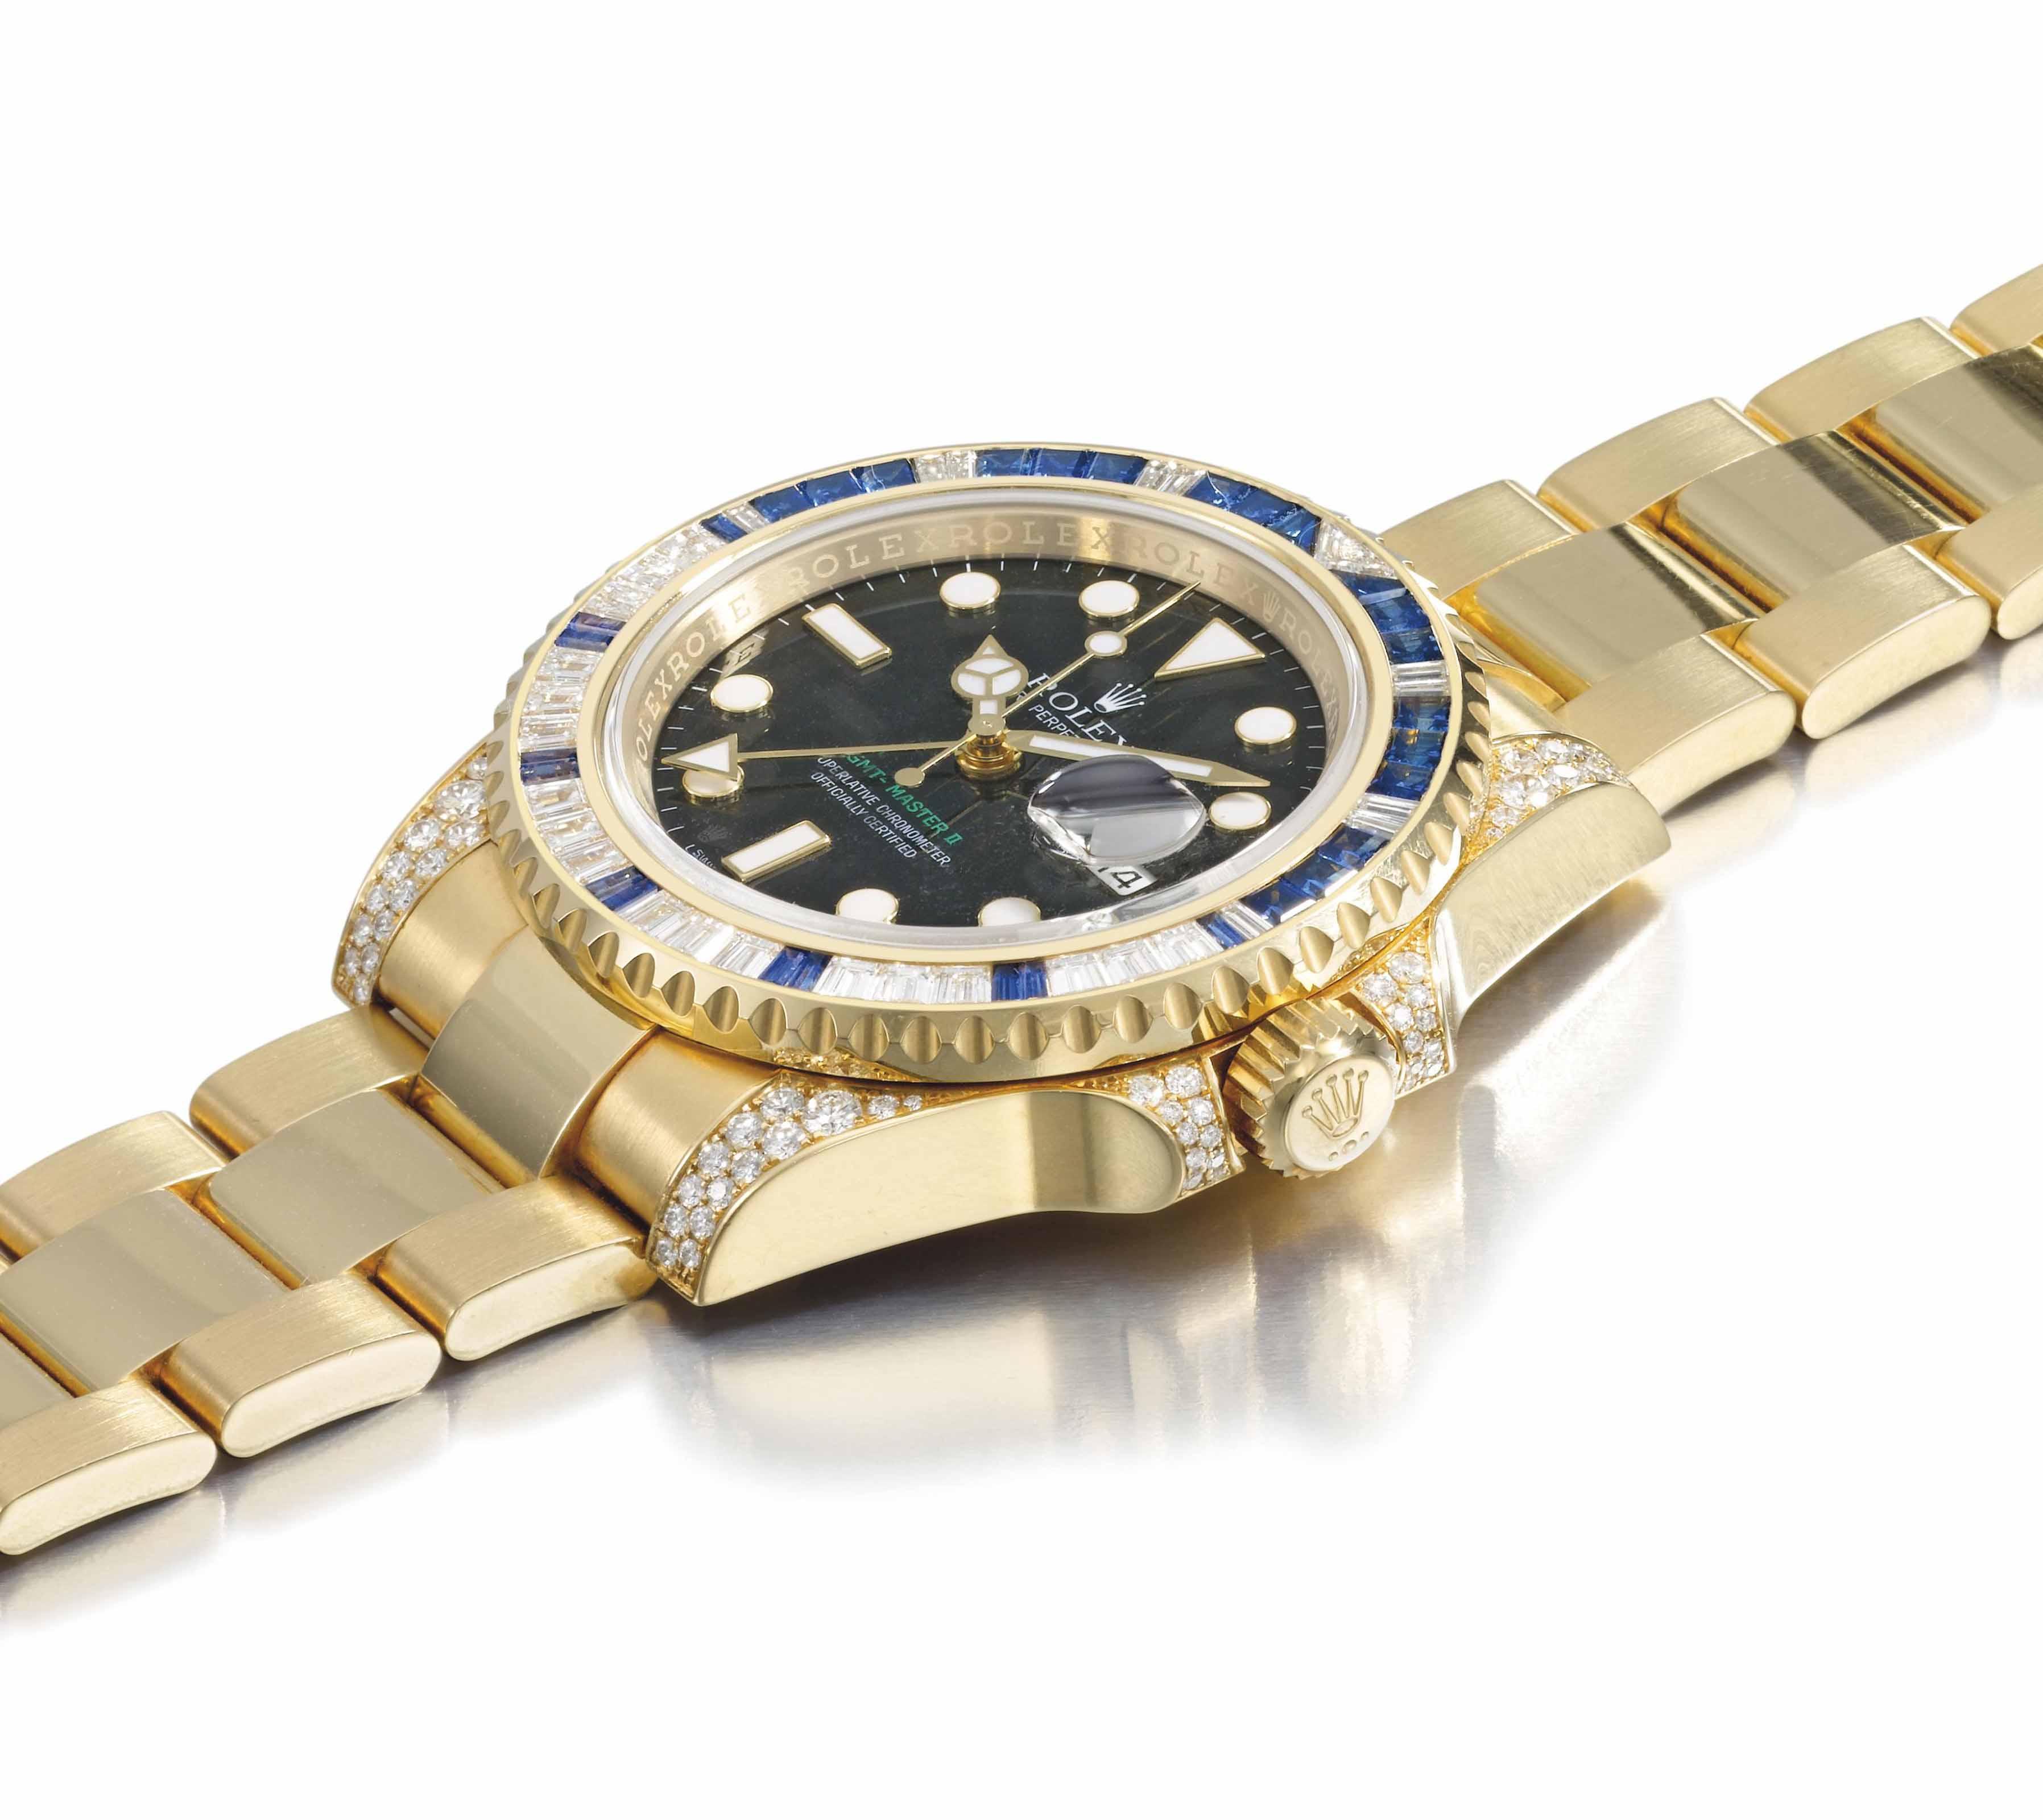 Rolex. A very impressive, rare